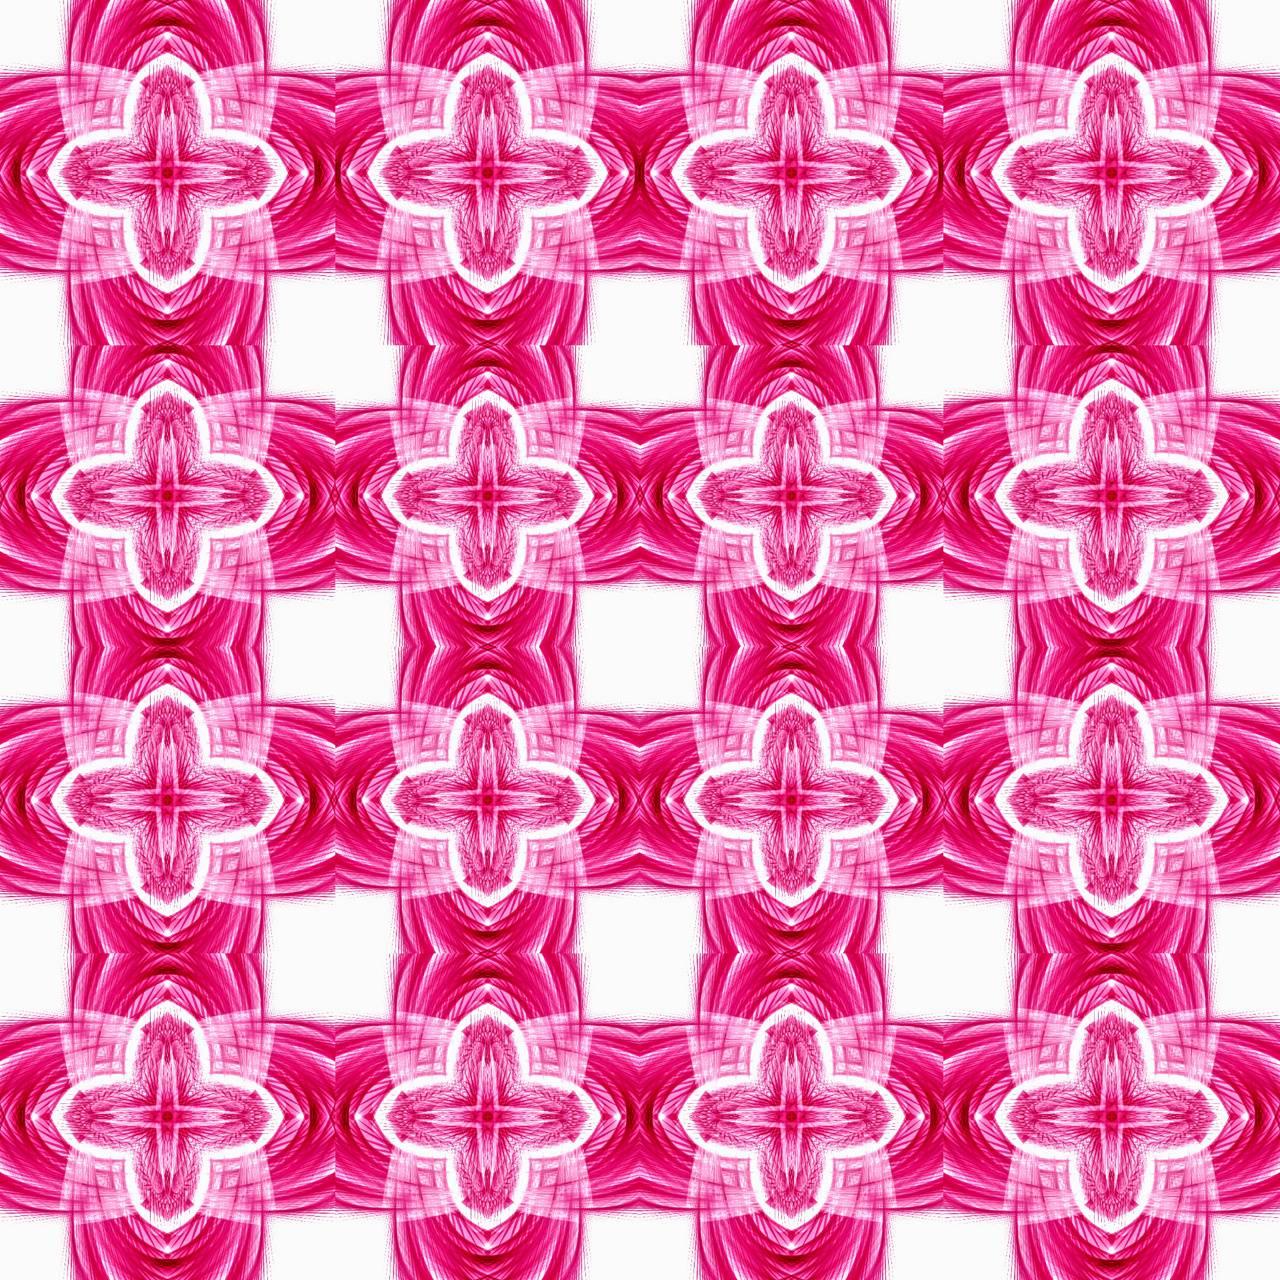 Tiled Wallpaper 50-1